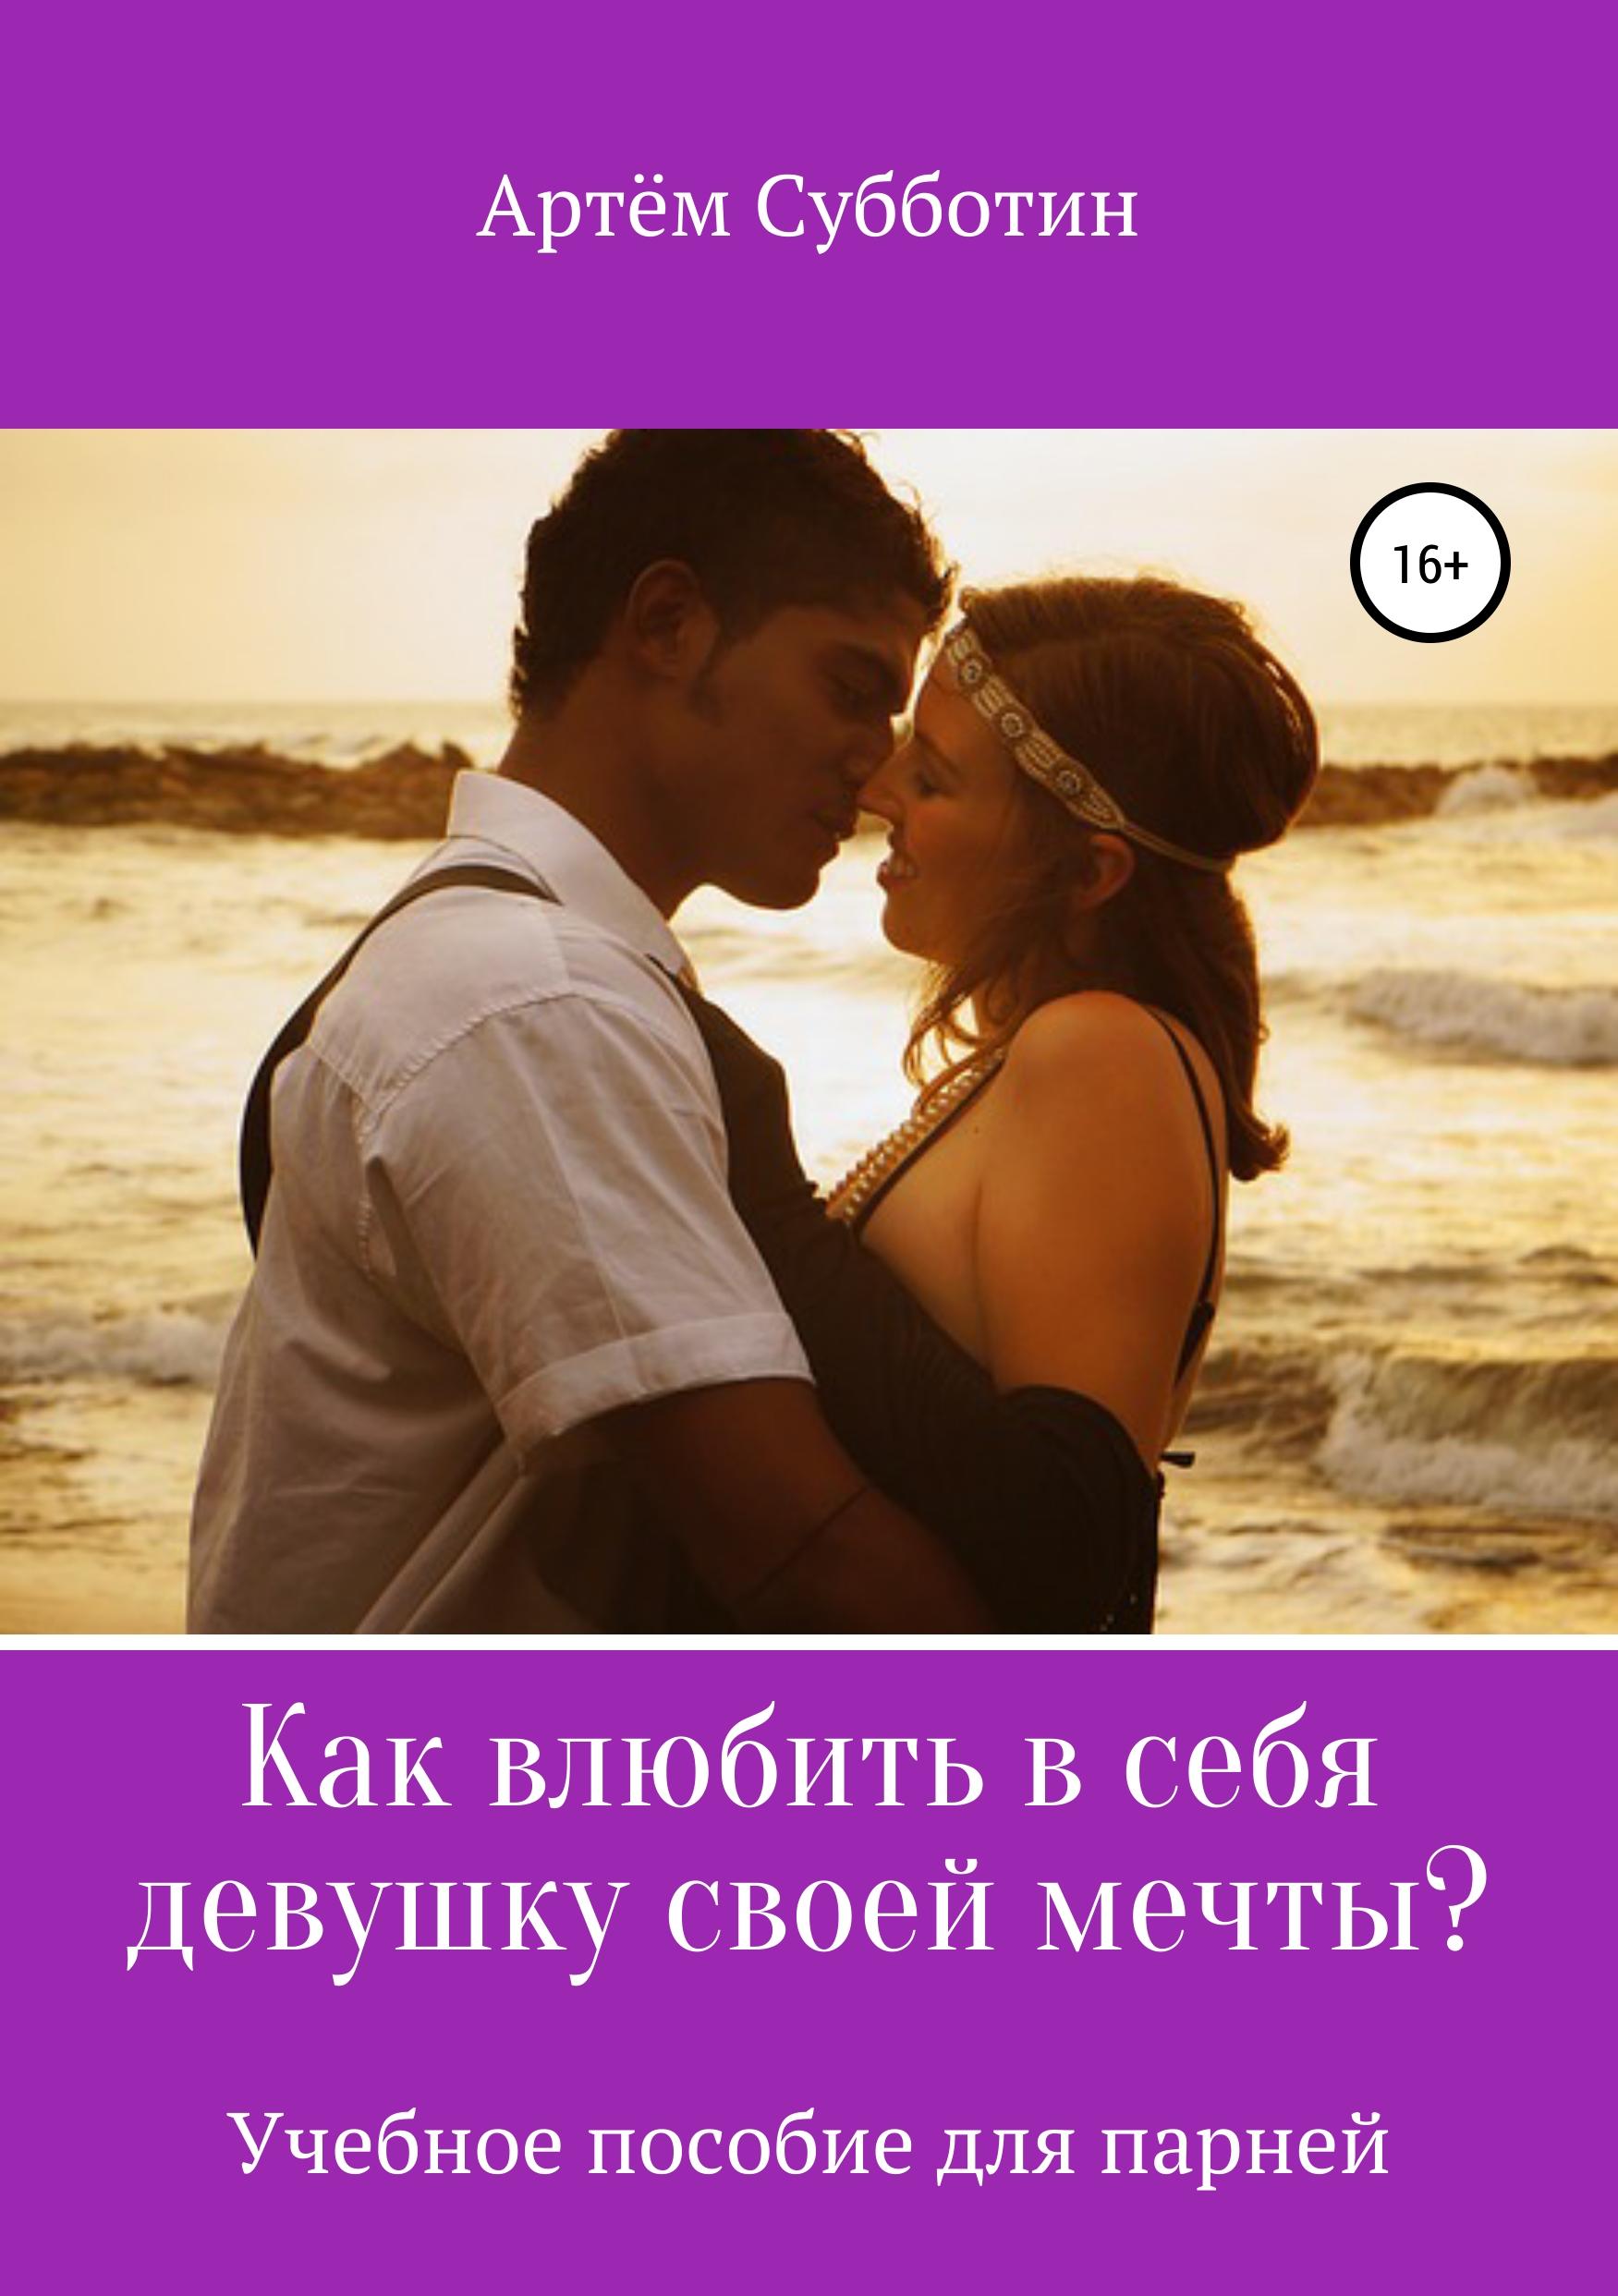 Как влюбить в себя девушку своей мечты? фото